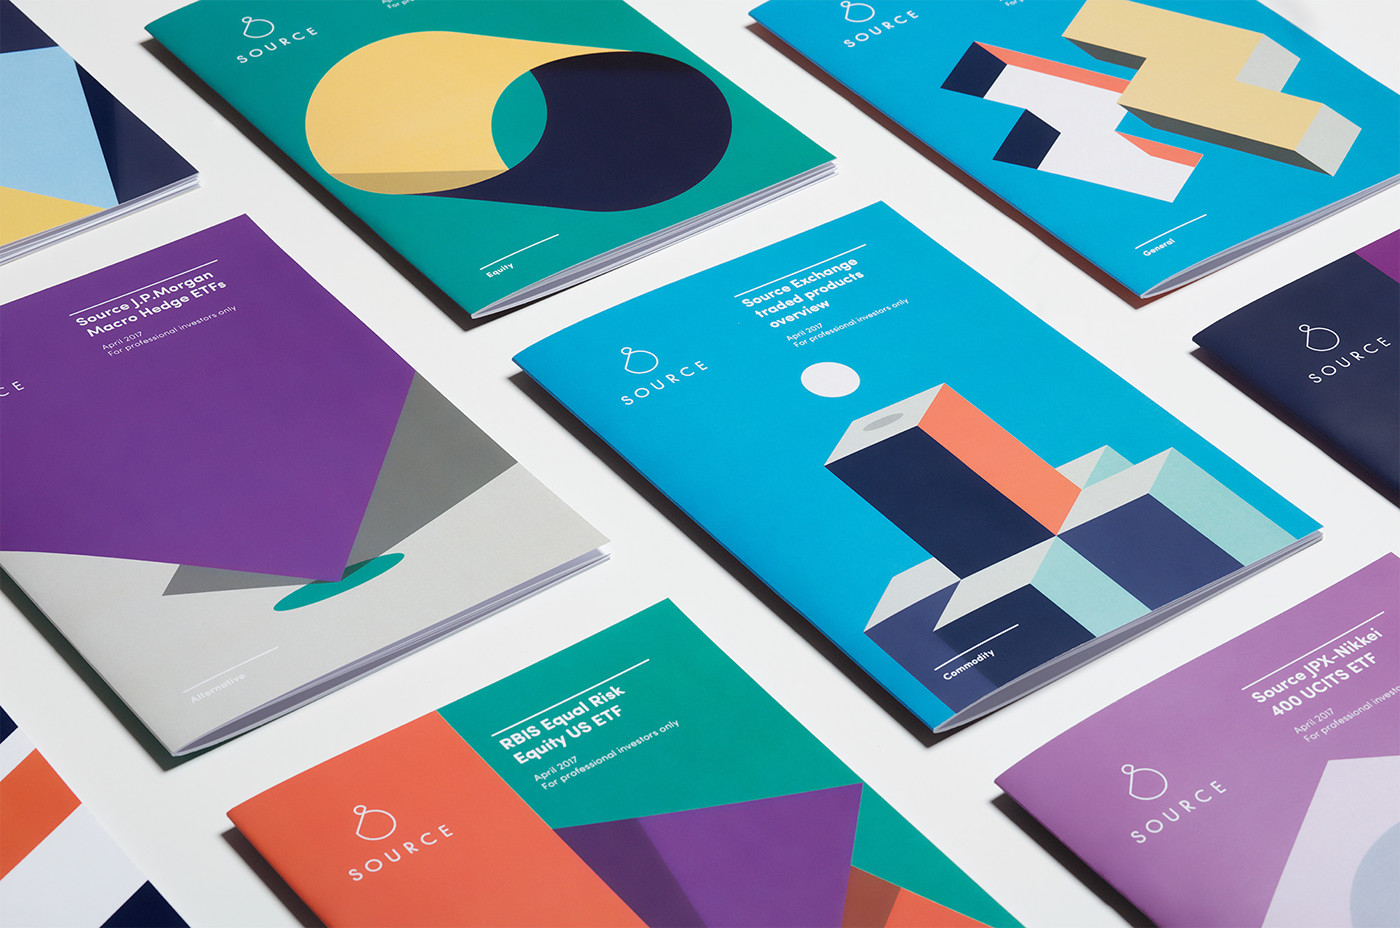 finance branding  Logo Design Source ETF Investment ILLUSTRATION  guideline Booklet businesscards